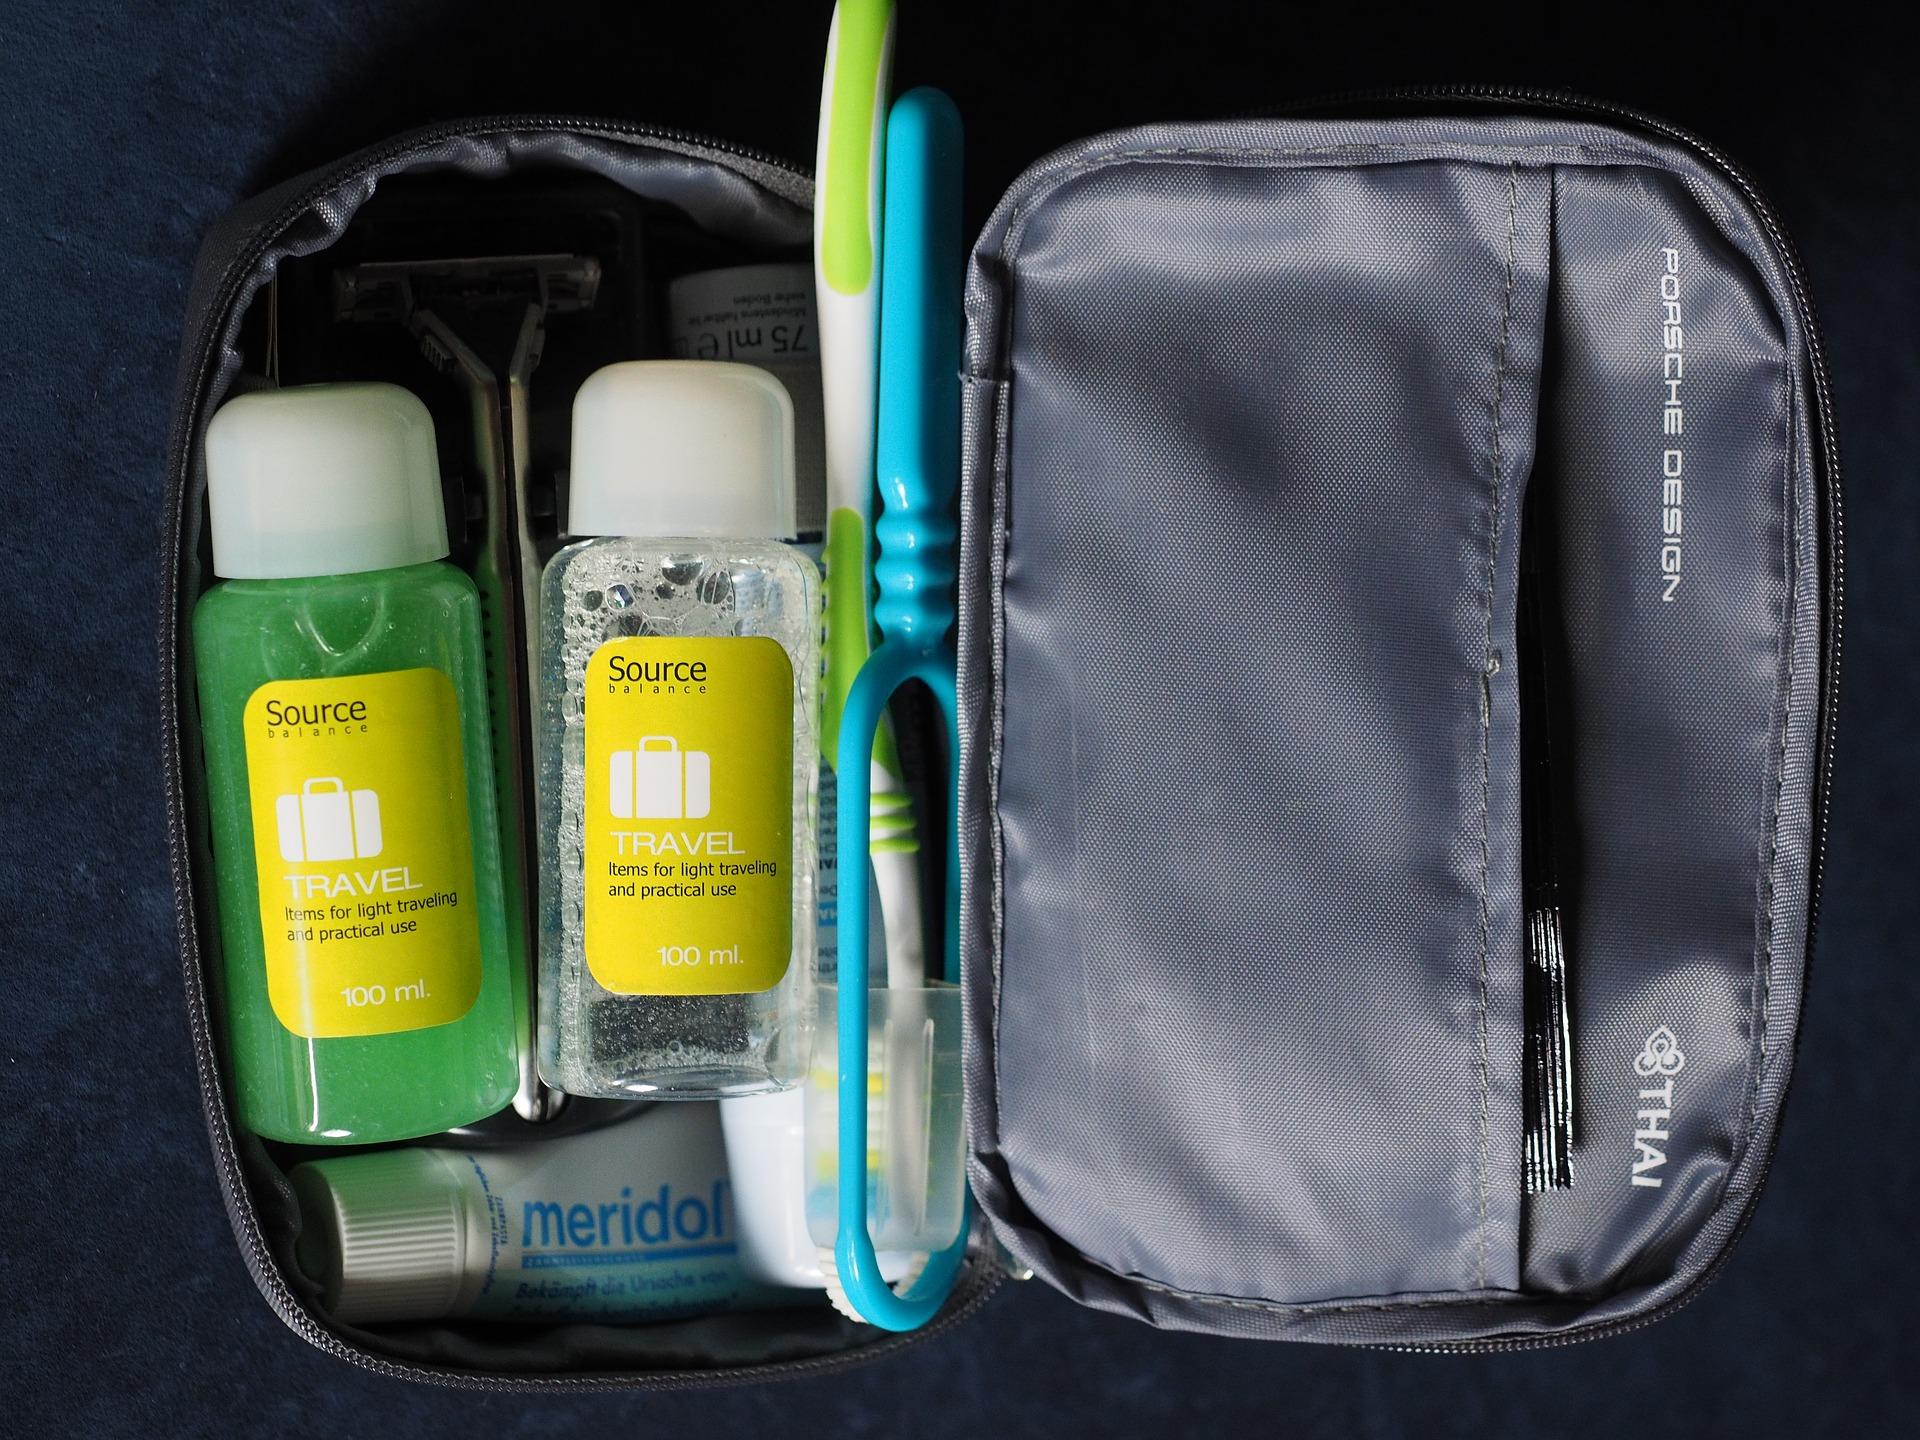 Herren-brillen Freundlich Kontaktlinsen Box Halter Kunststoff Ziel Reise Tragbare Fall Lagerung Container Einfach Zu Verwenden Bekleidung Zubehör